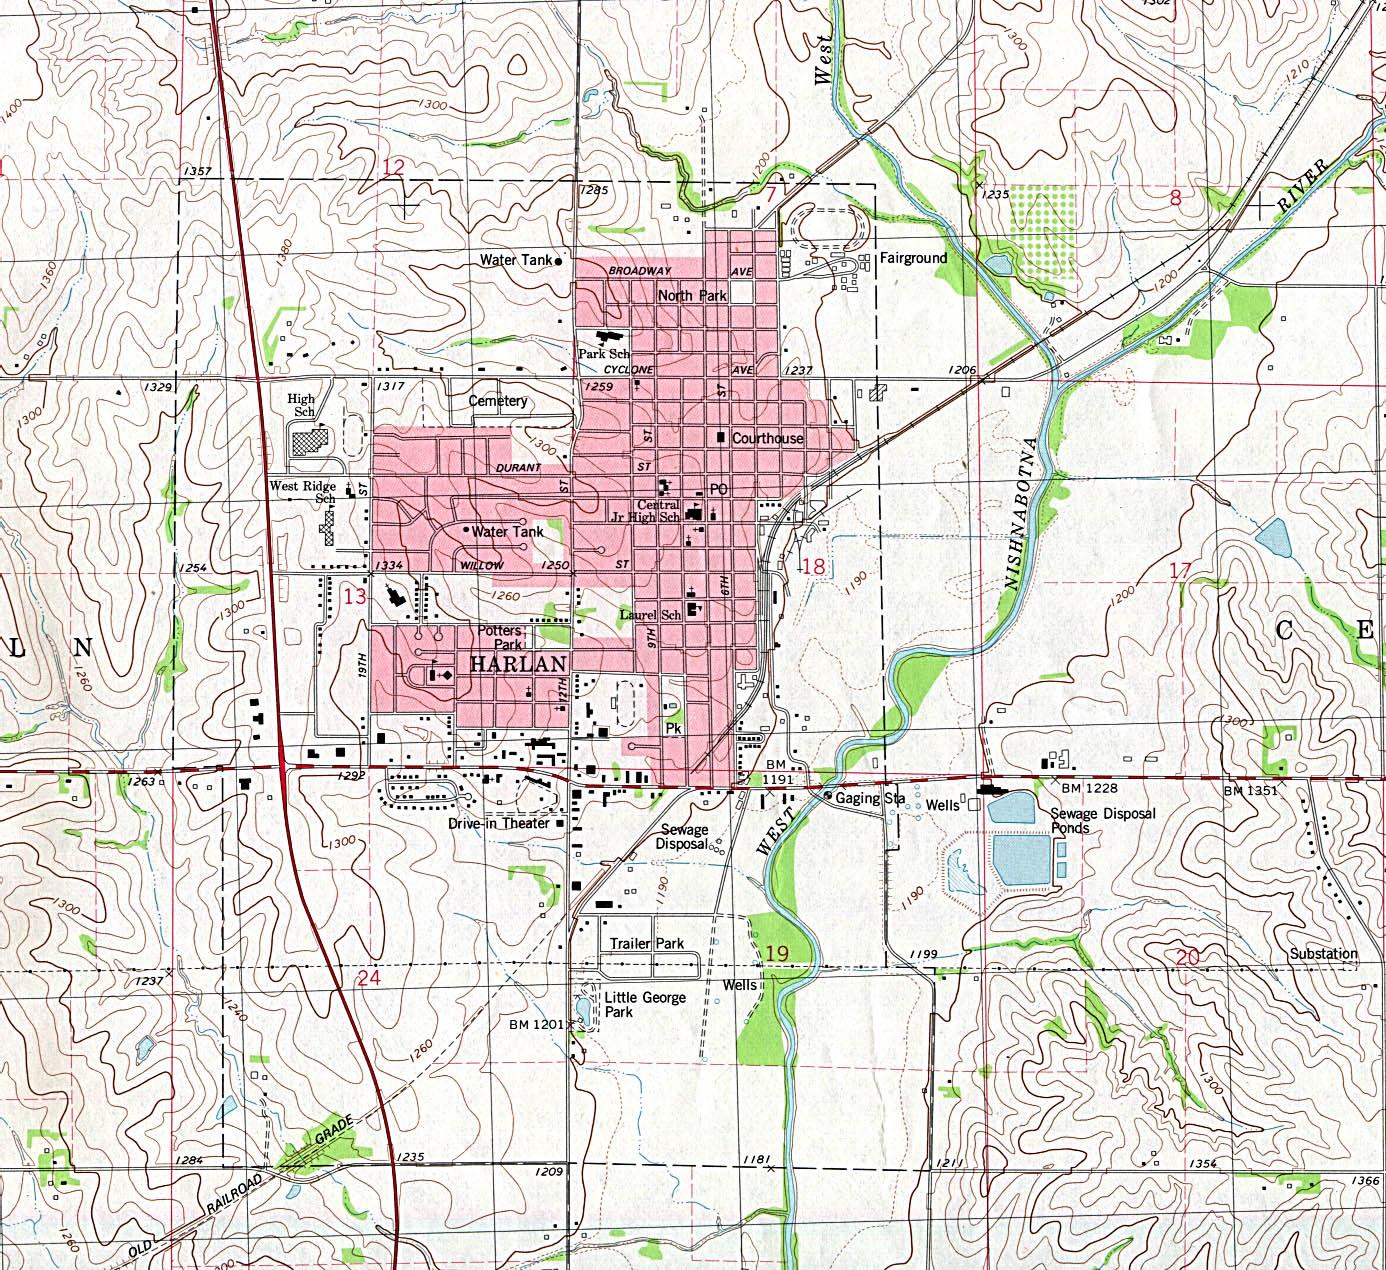 Mapa Topográfico de la Ciudad de Harlan, Iowa, Estados Unidos